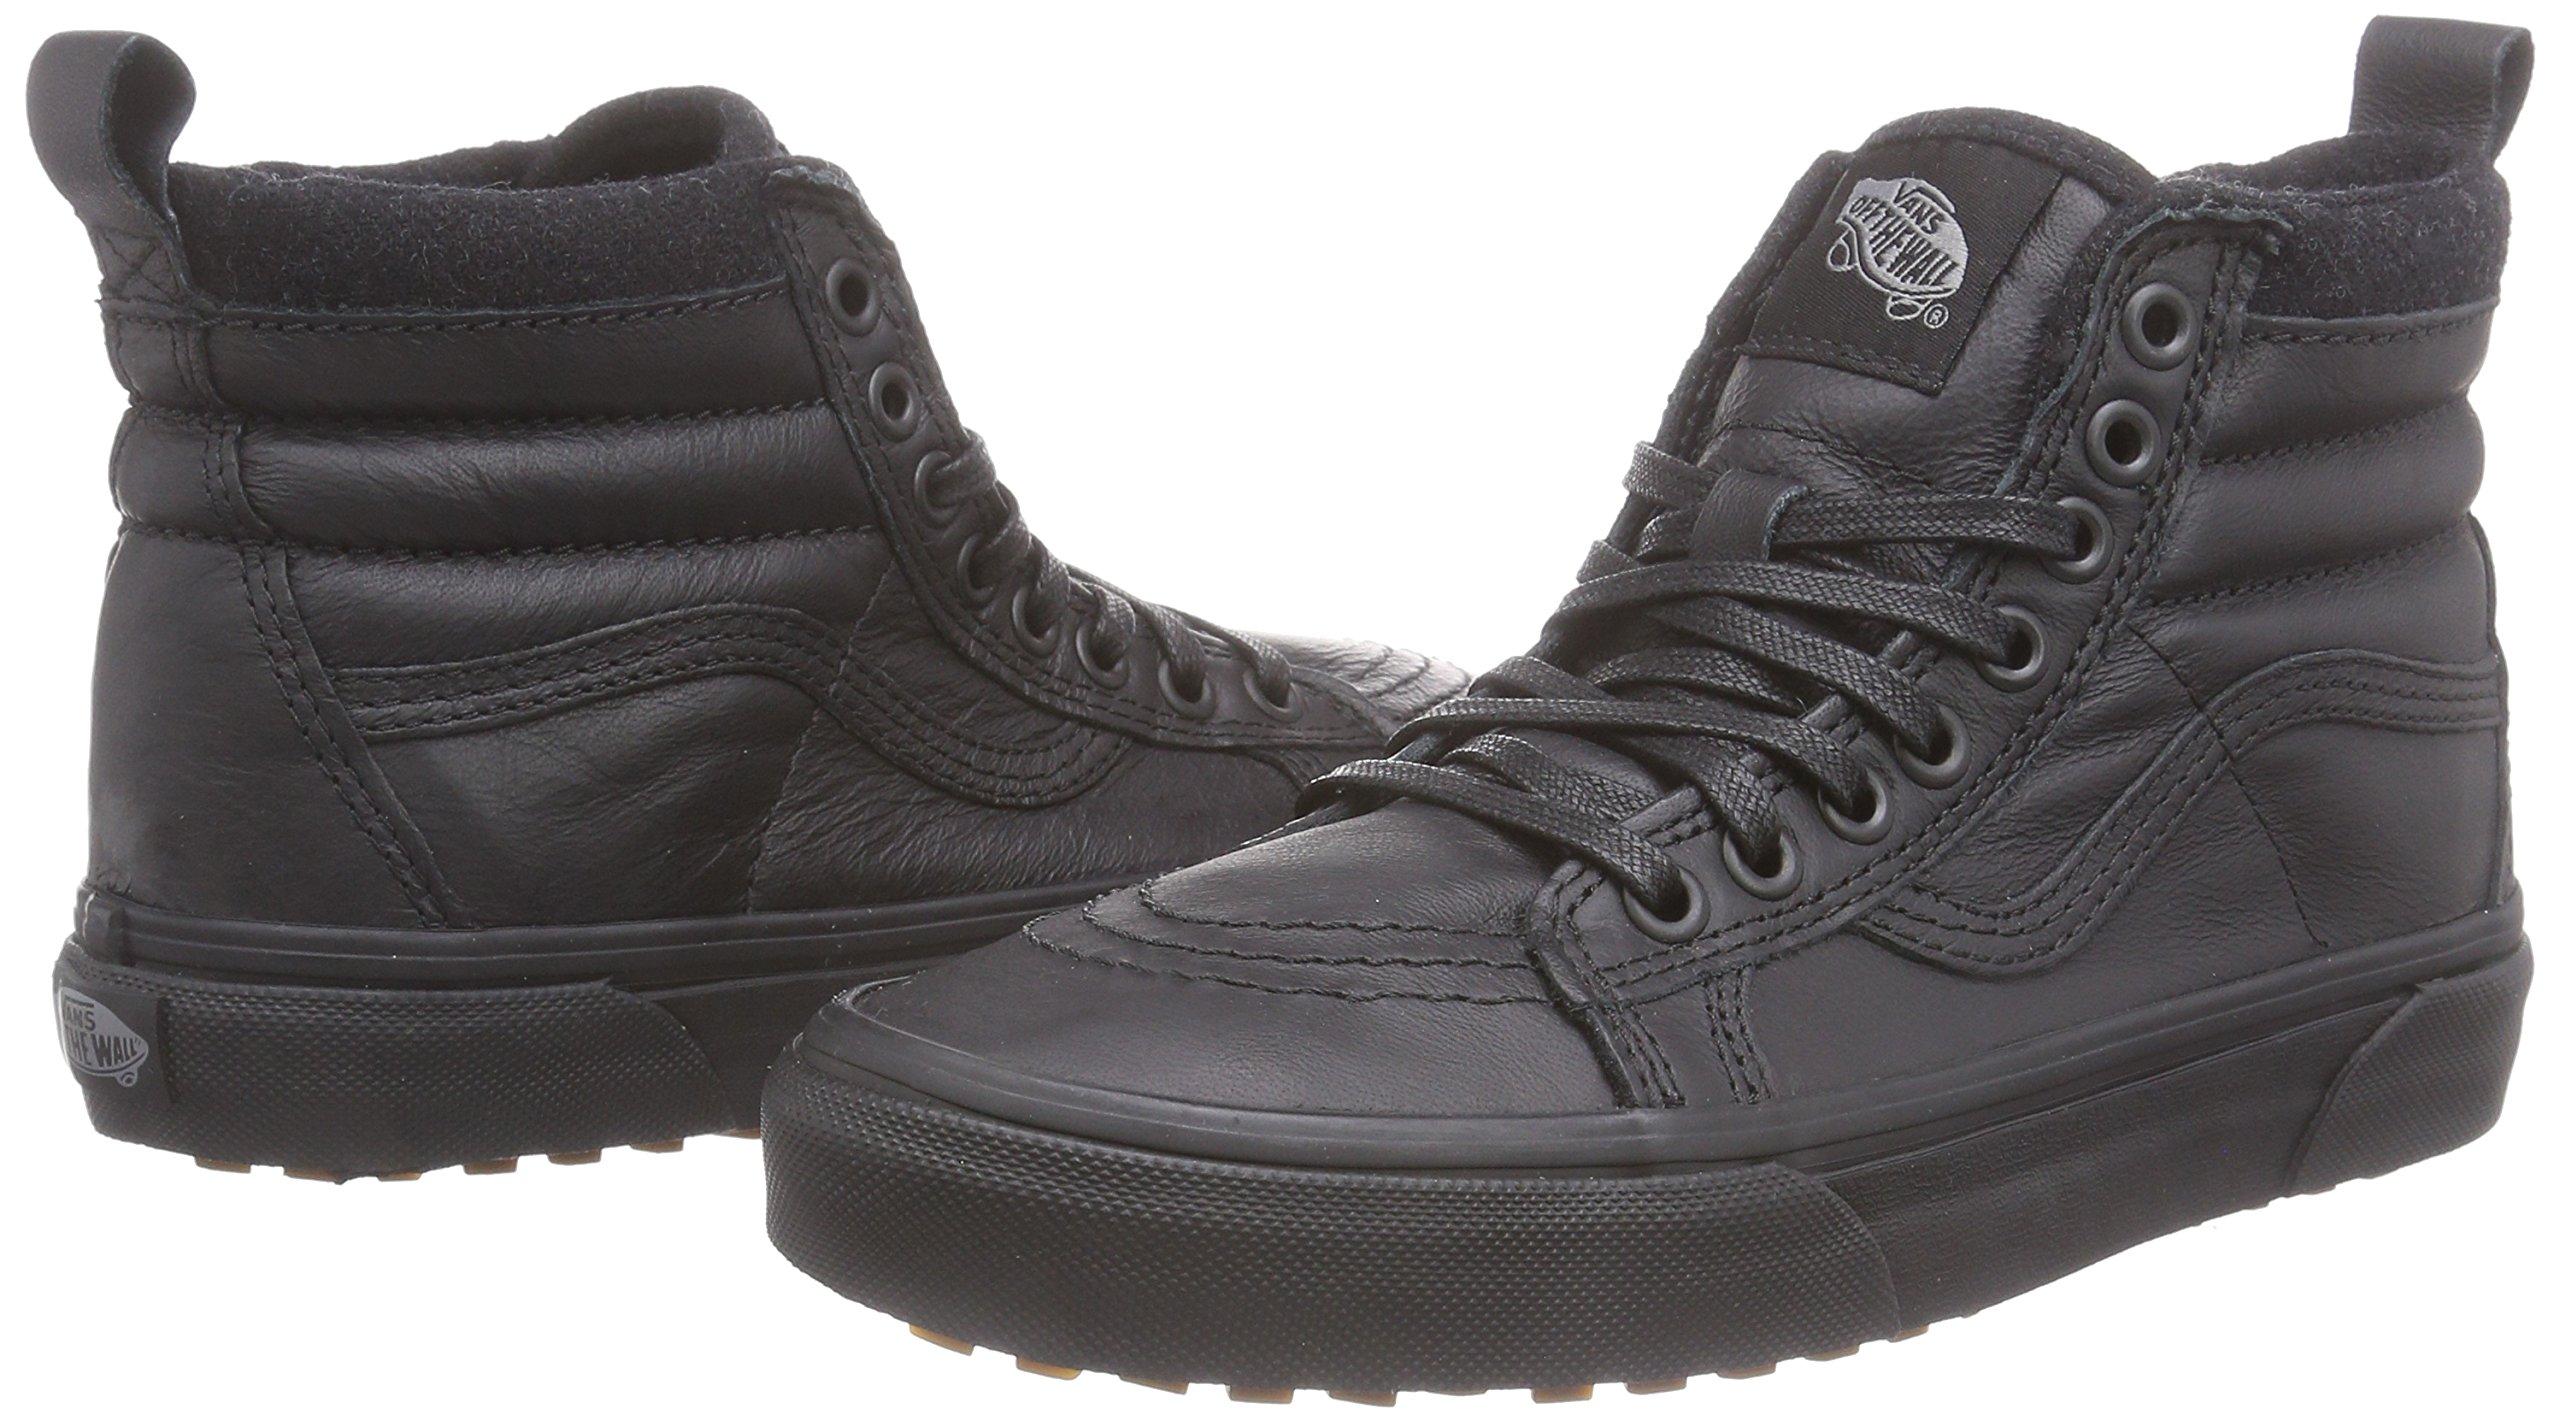 Vans Unisex SK8-Hi MTE (Mte) Black/Leather 11.5 Women / 10 Men M US by Vans (Image #5)